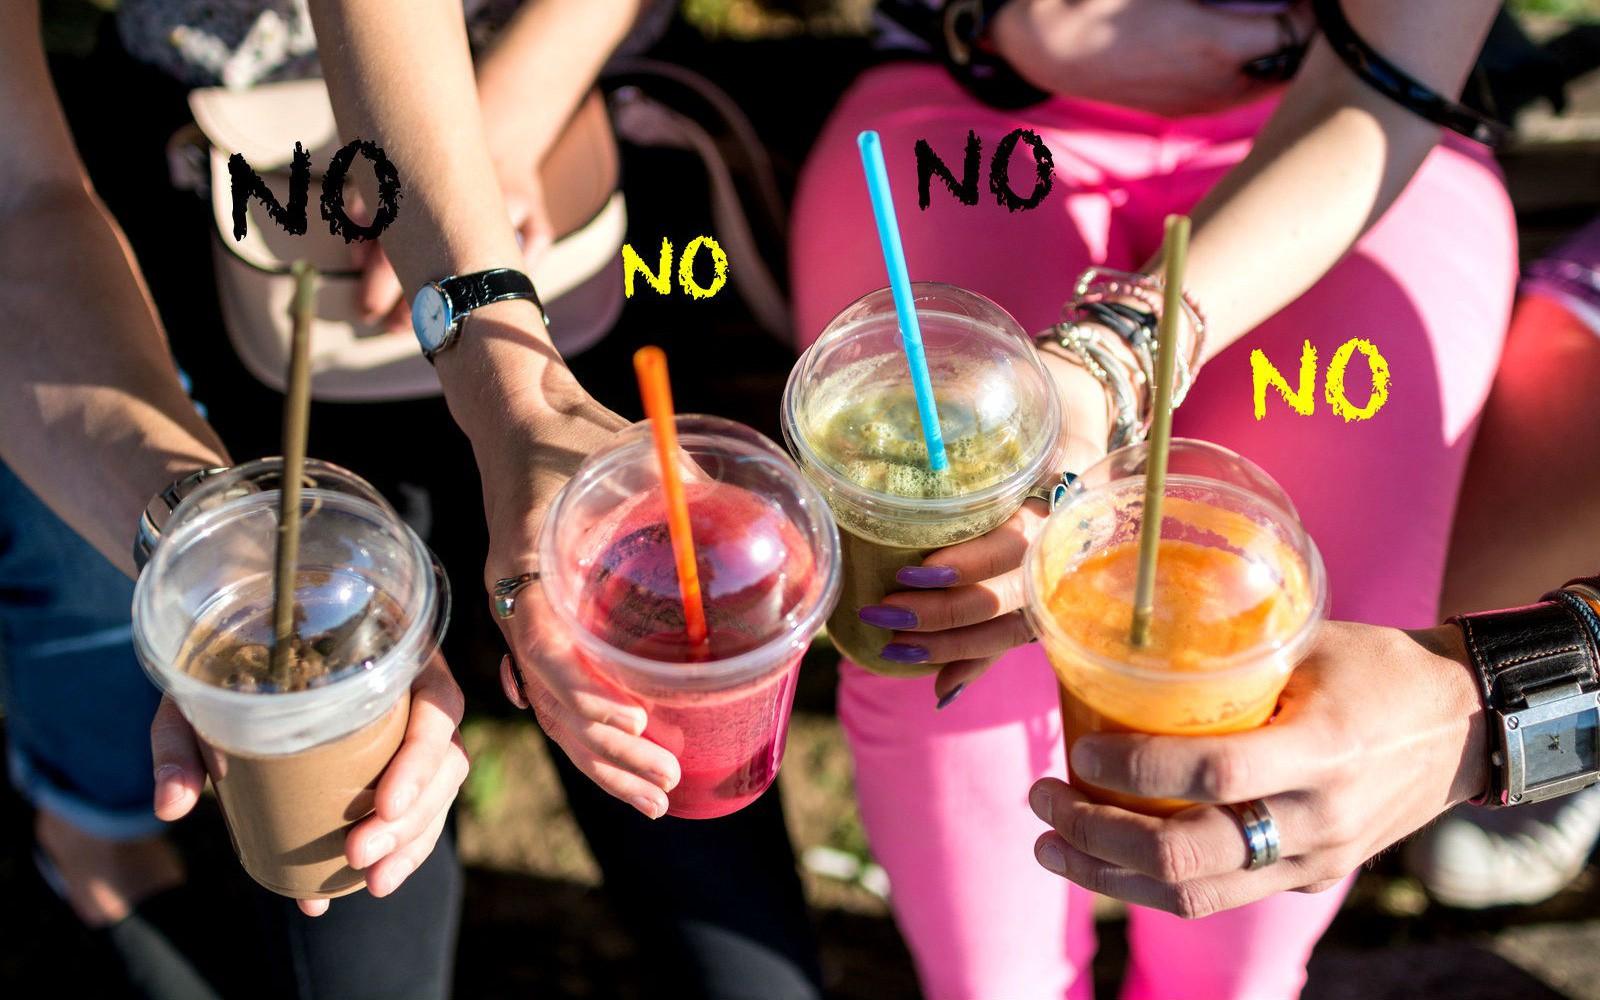 Các thương hiệu đồ uống lớn có bàng quan với môi trường như mọi người vẫn tưởng?